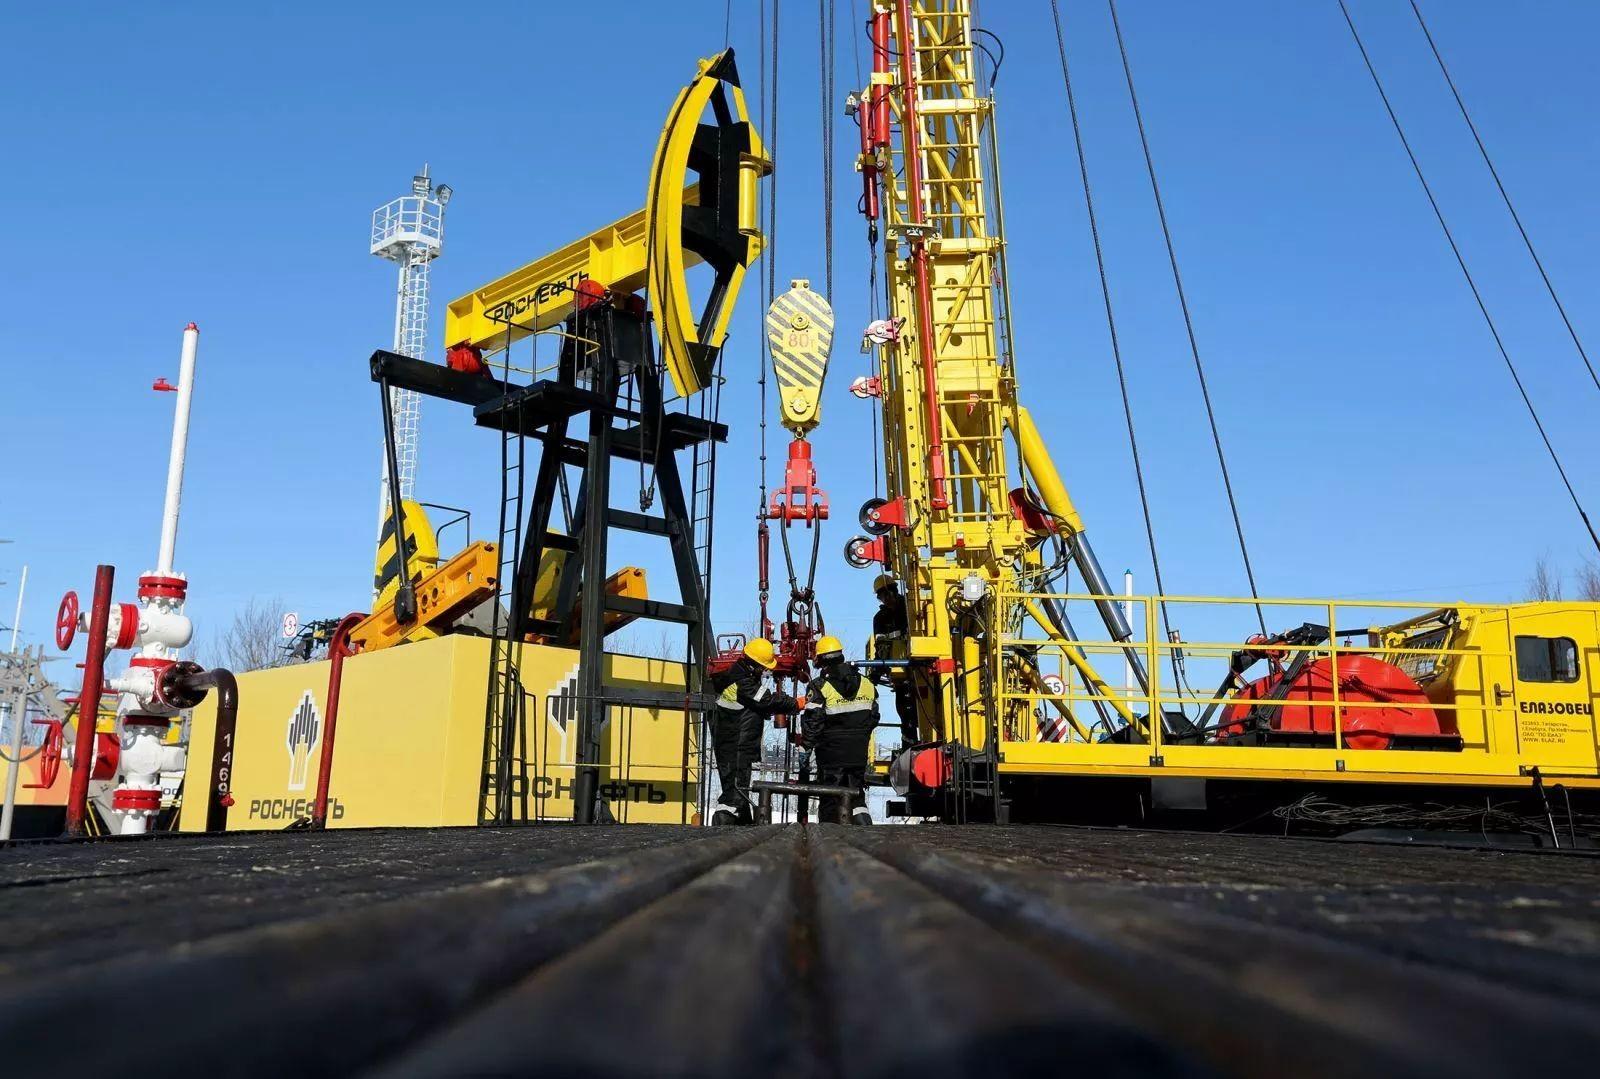 石油道_沙特欲减产140万桶石油,俄罗斯却拒绝配合?可能是美国